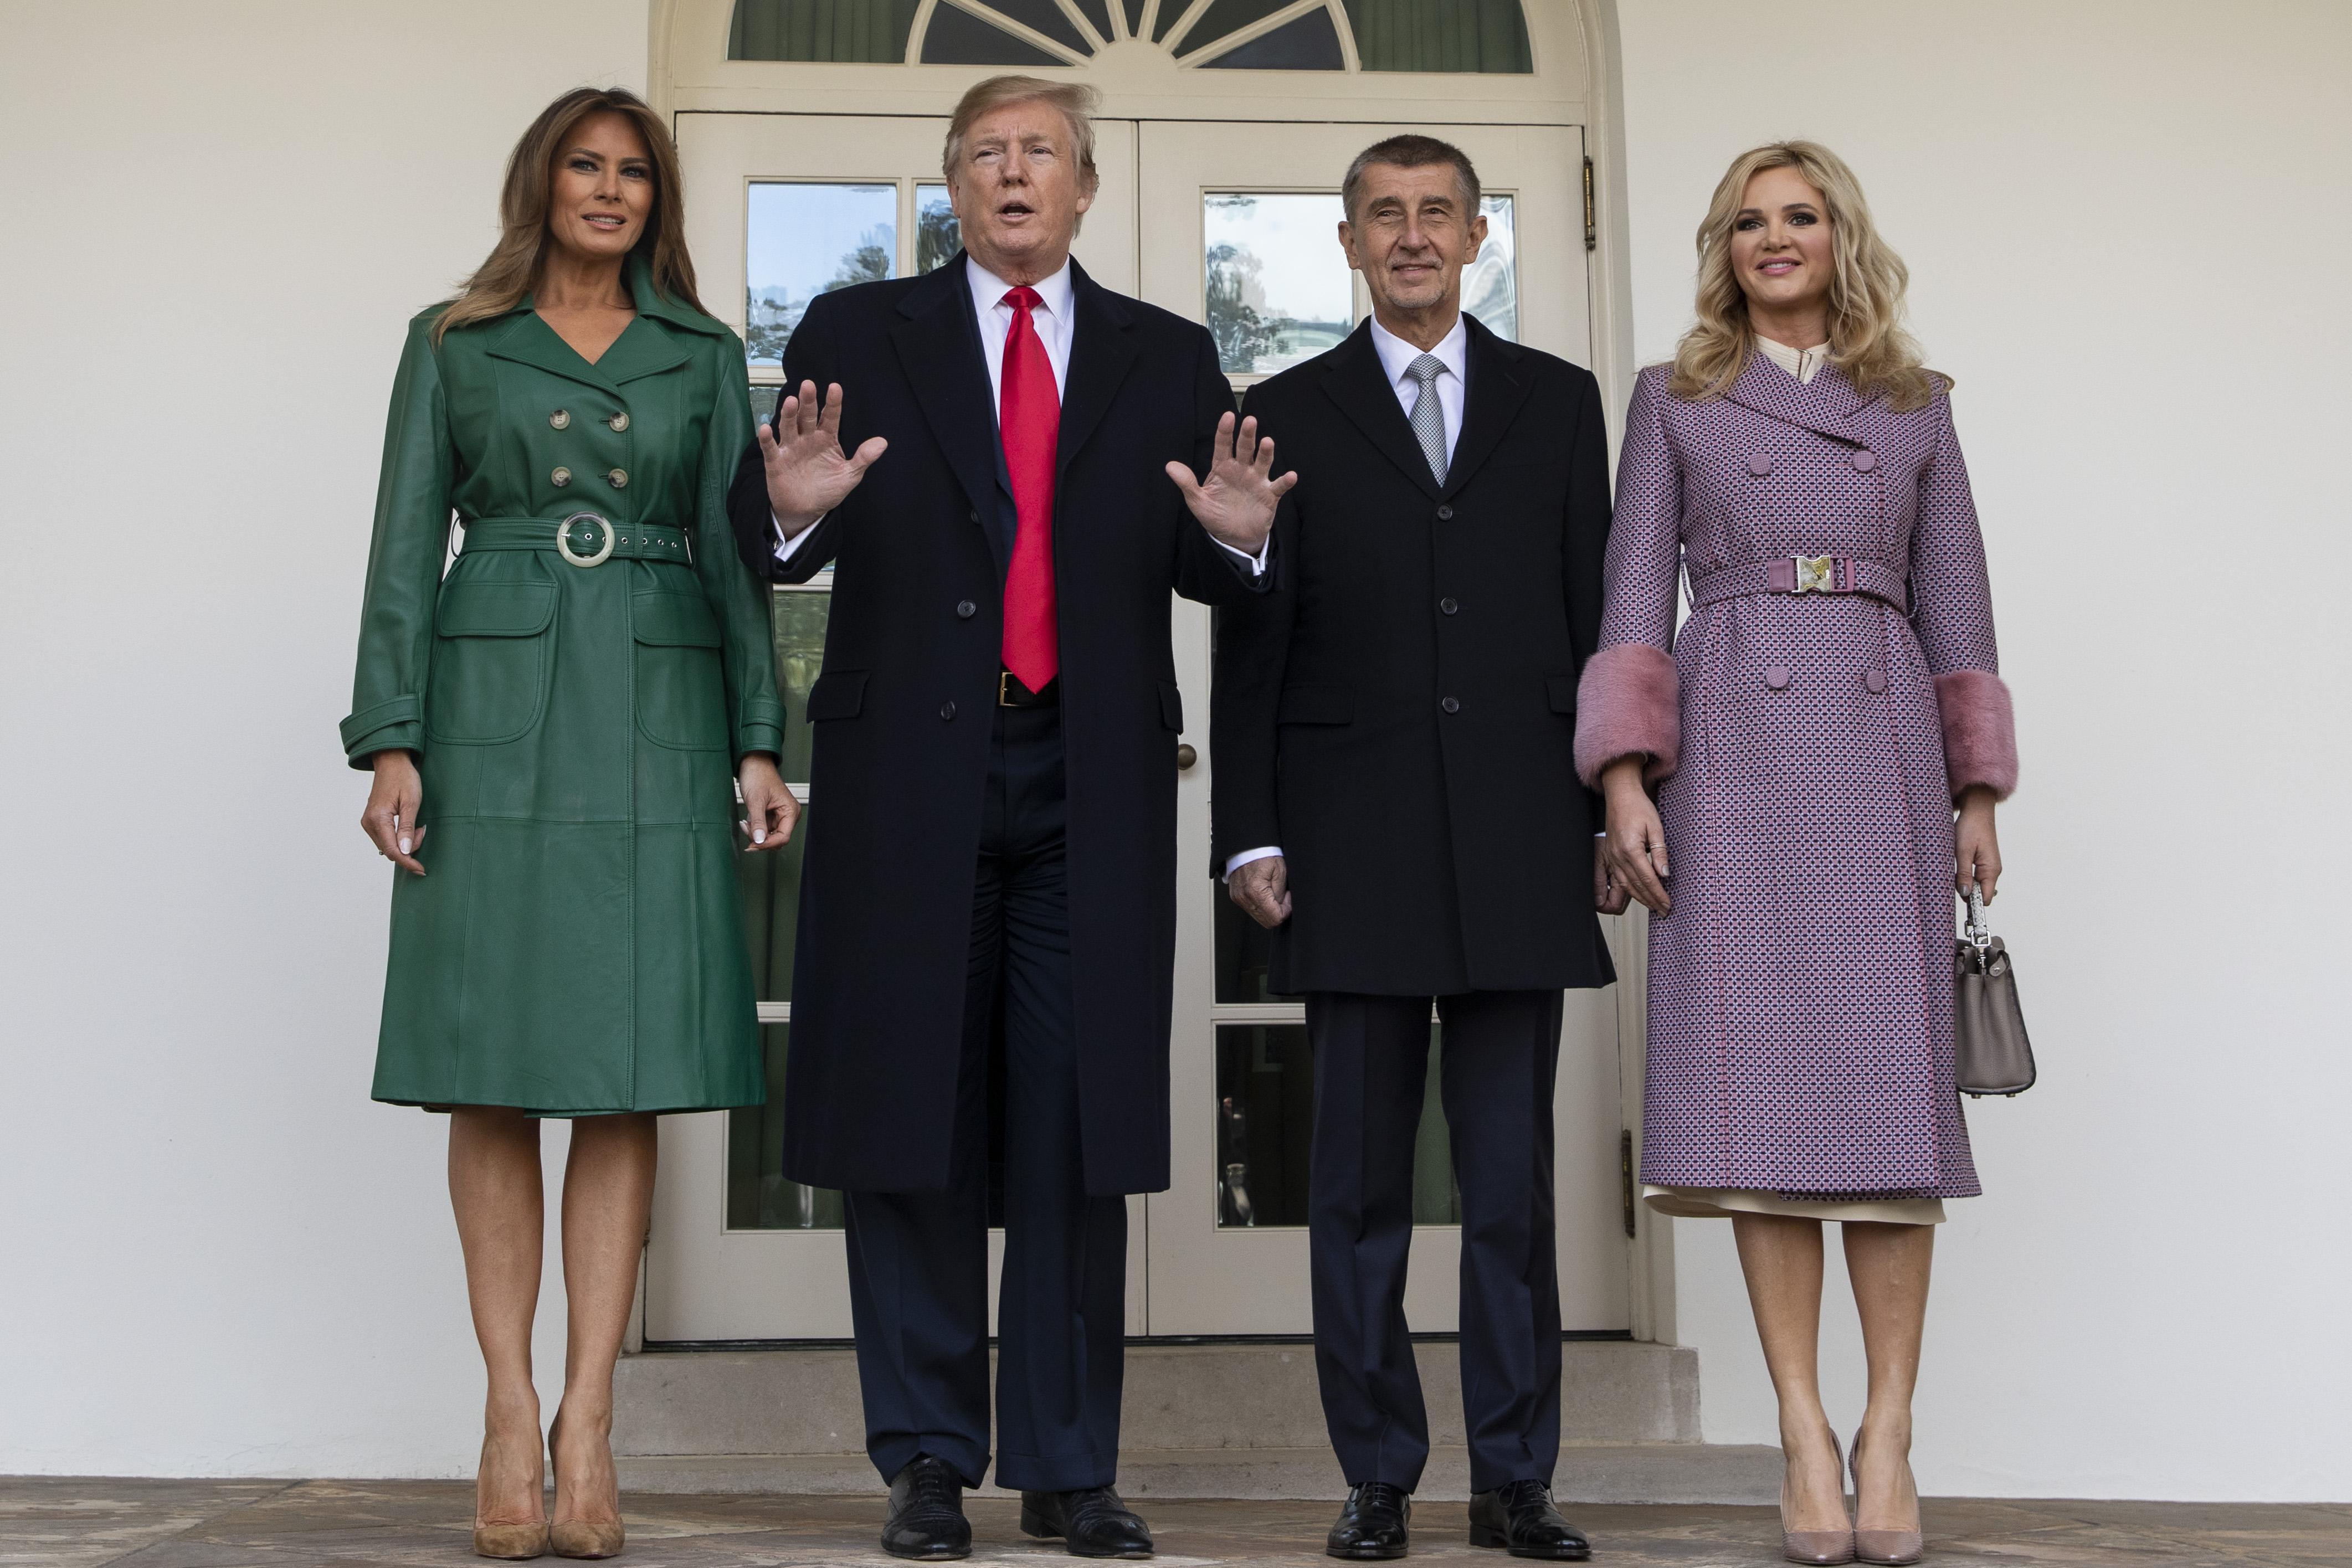 Доналд Тръмп попадна в неловка ситуация по време на срещата си с чешкия премиер Андрей Бабиш и неговата съпруга Моника.